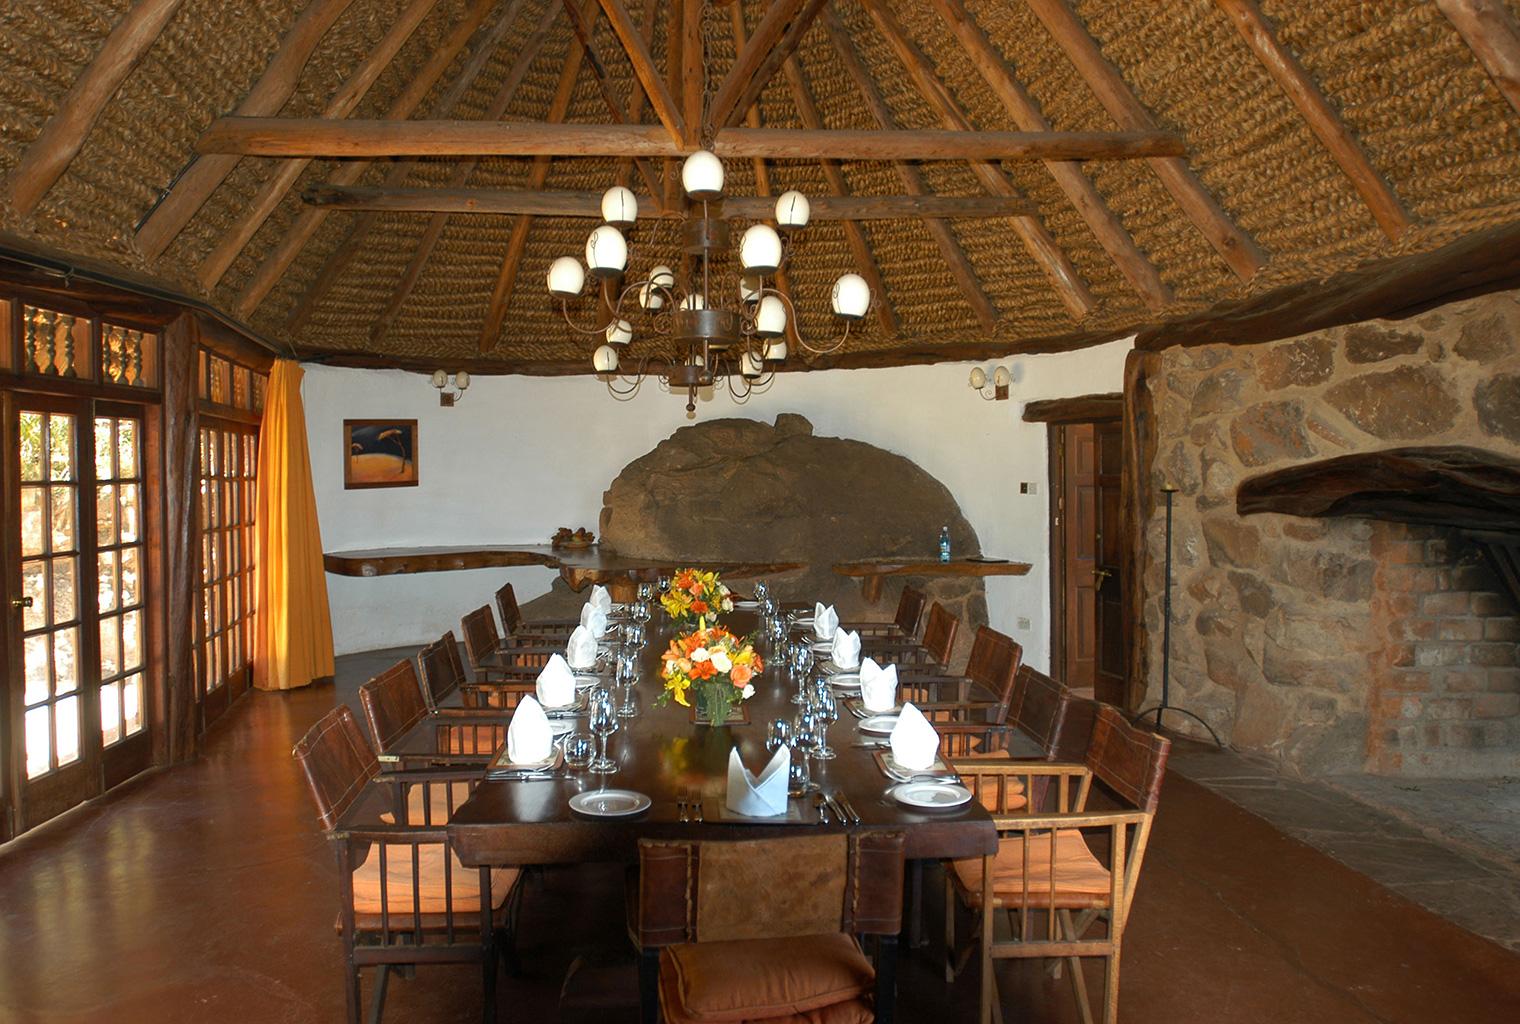 Borana-Kenya-Dining-Room